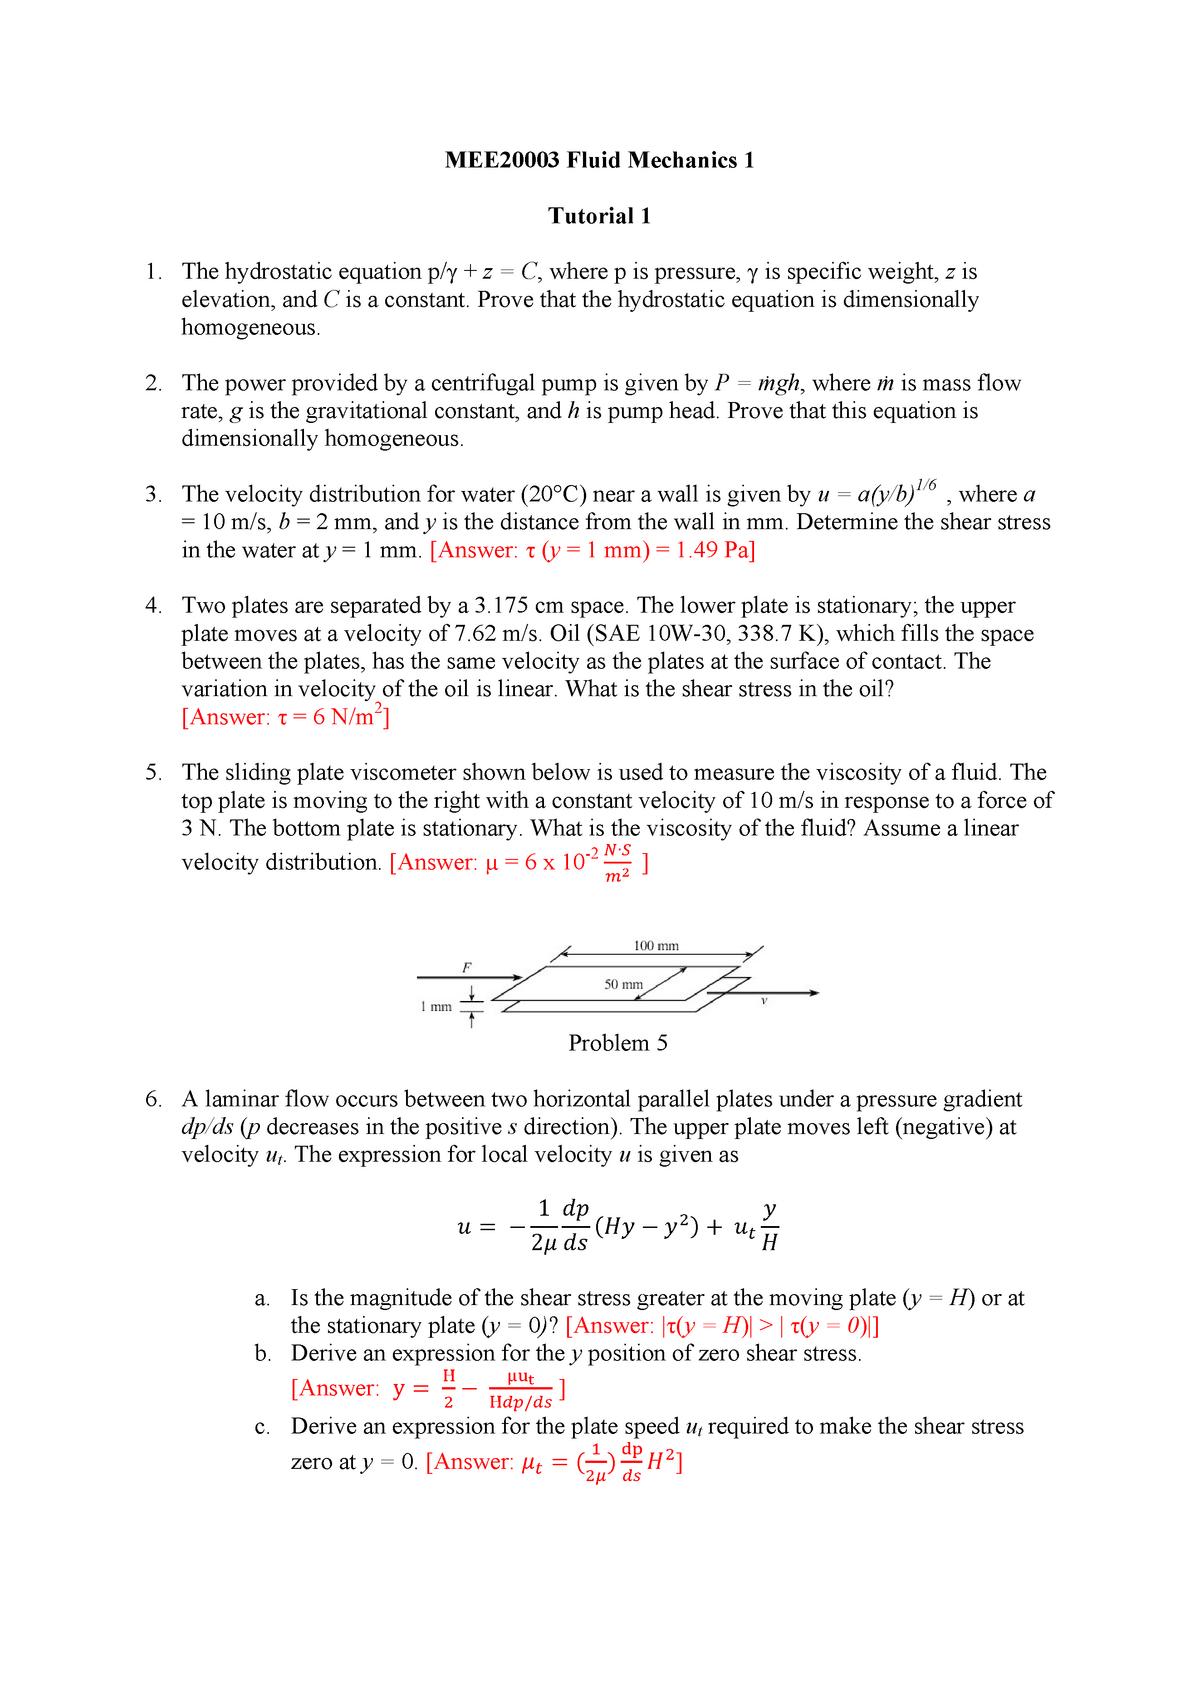 Tutorial 1 - tut - MEE20003: Fluid Mechanics 1 - StuDocu